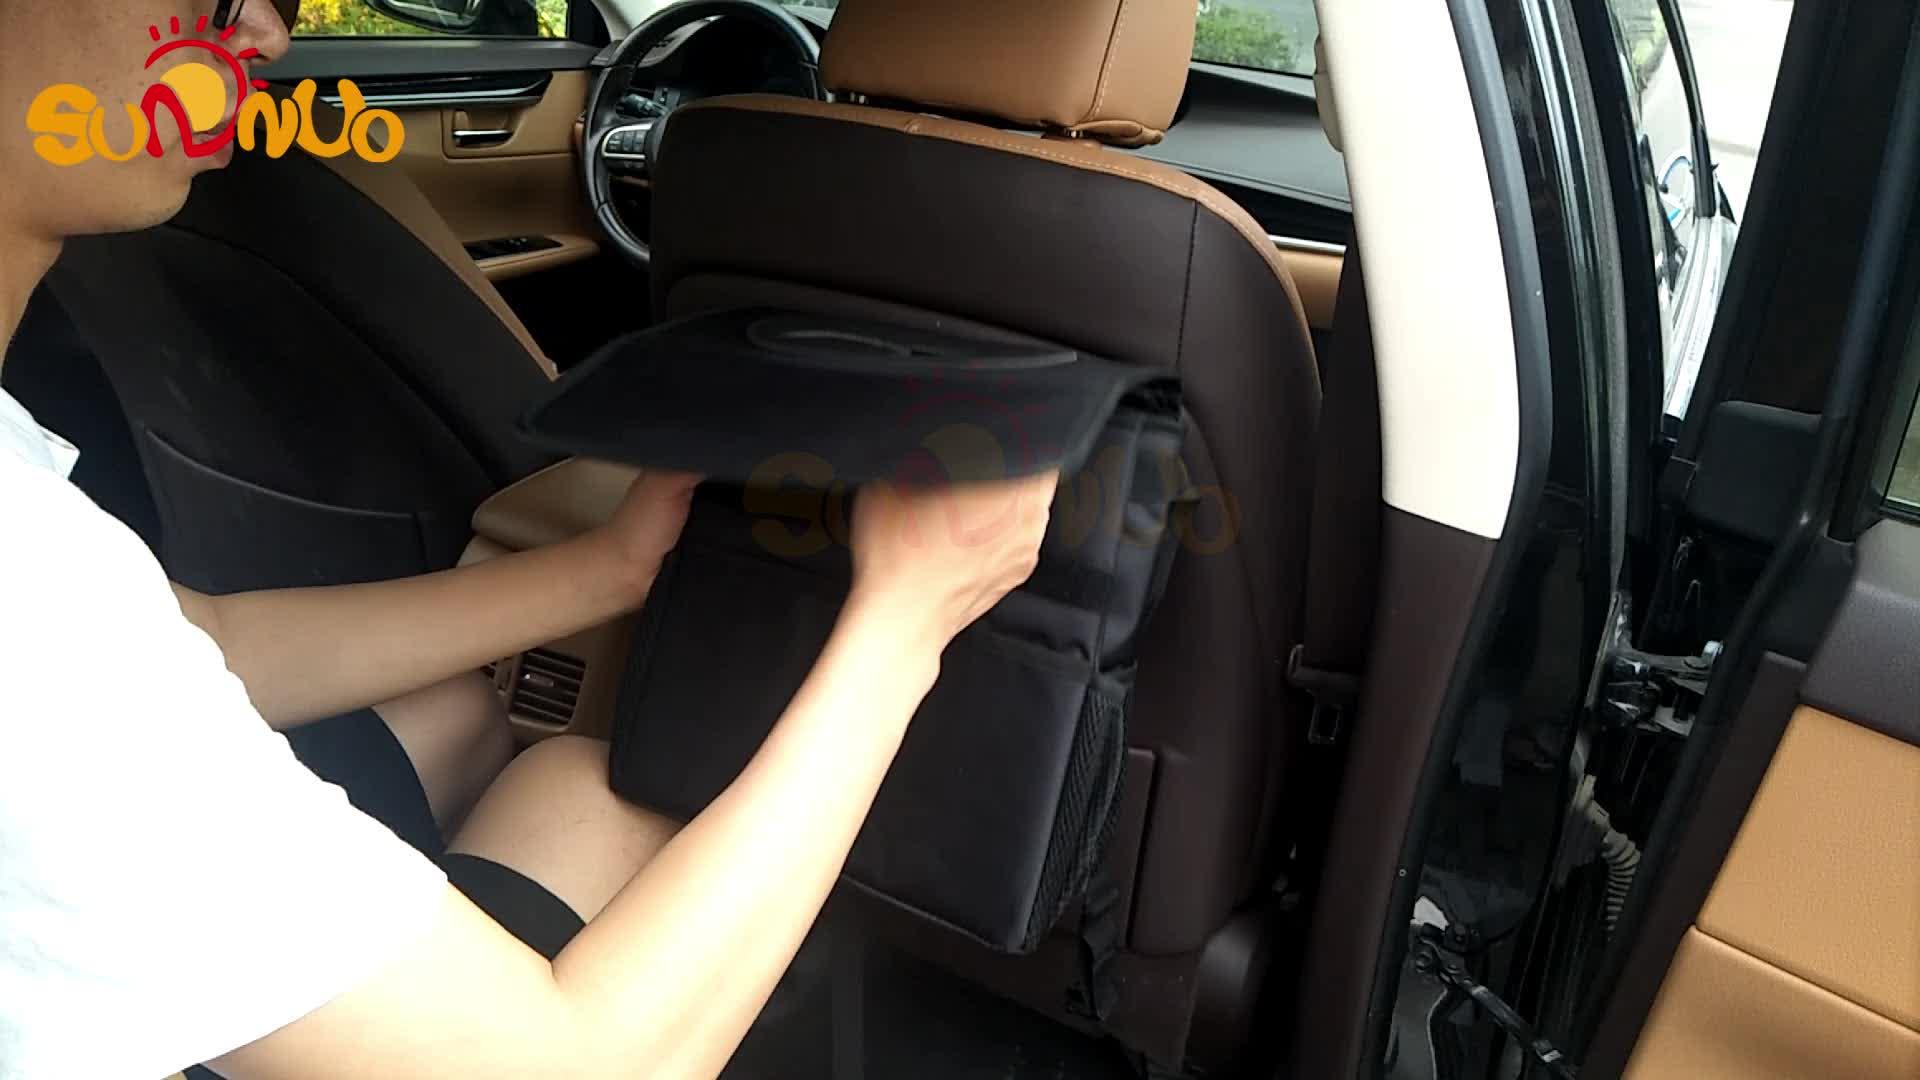 Auto-Mülleimer mit Deckel, 100% dicht, faltbarer gewichteter Auto-Mülleimer